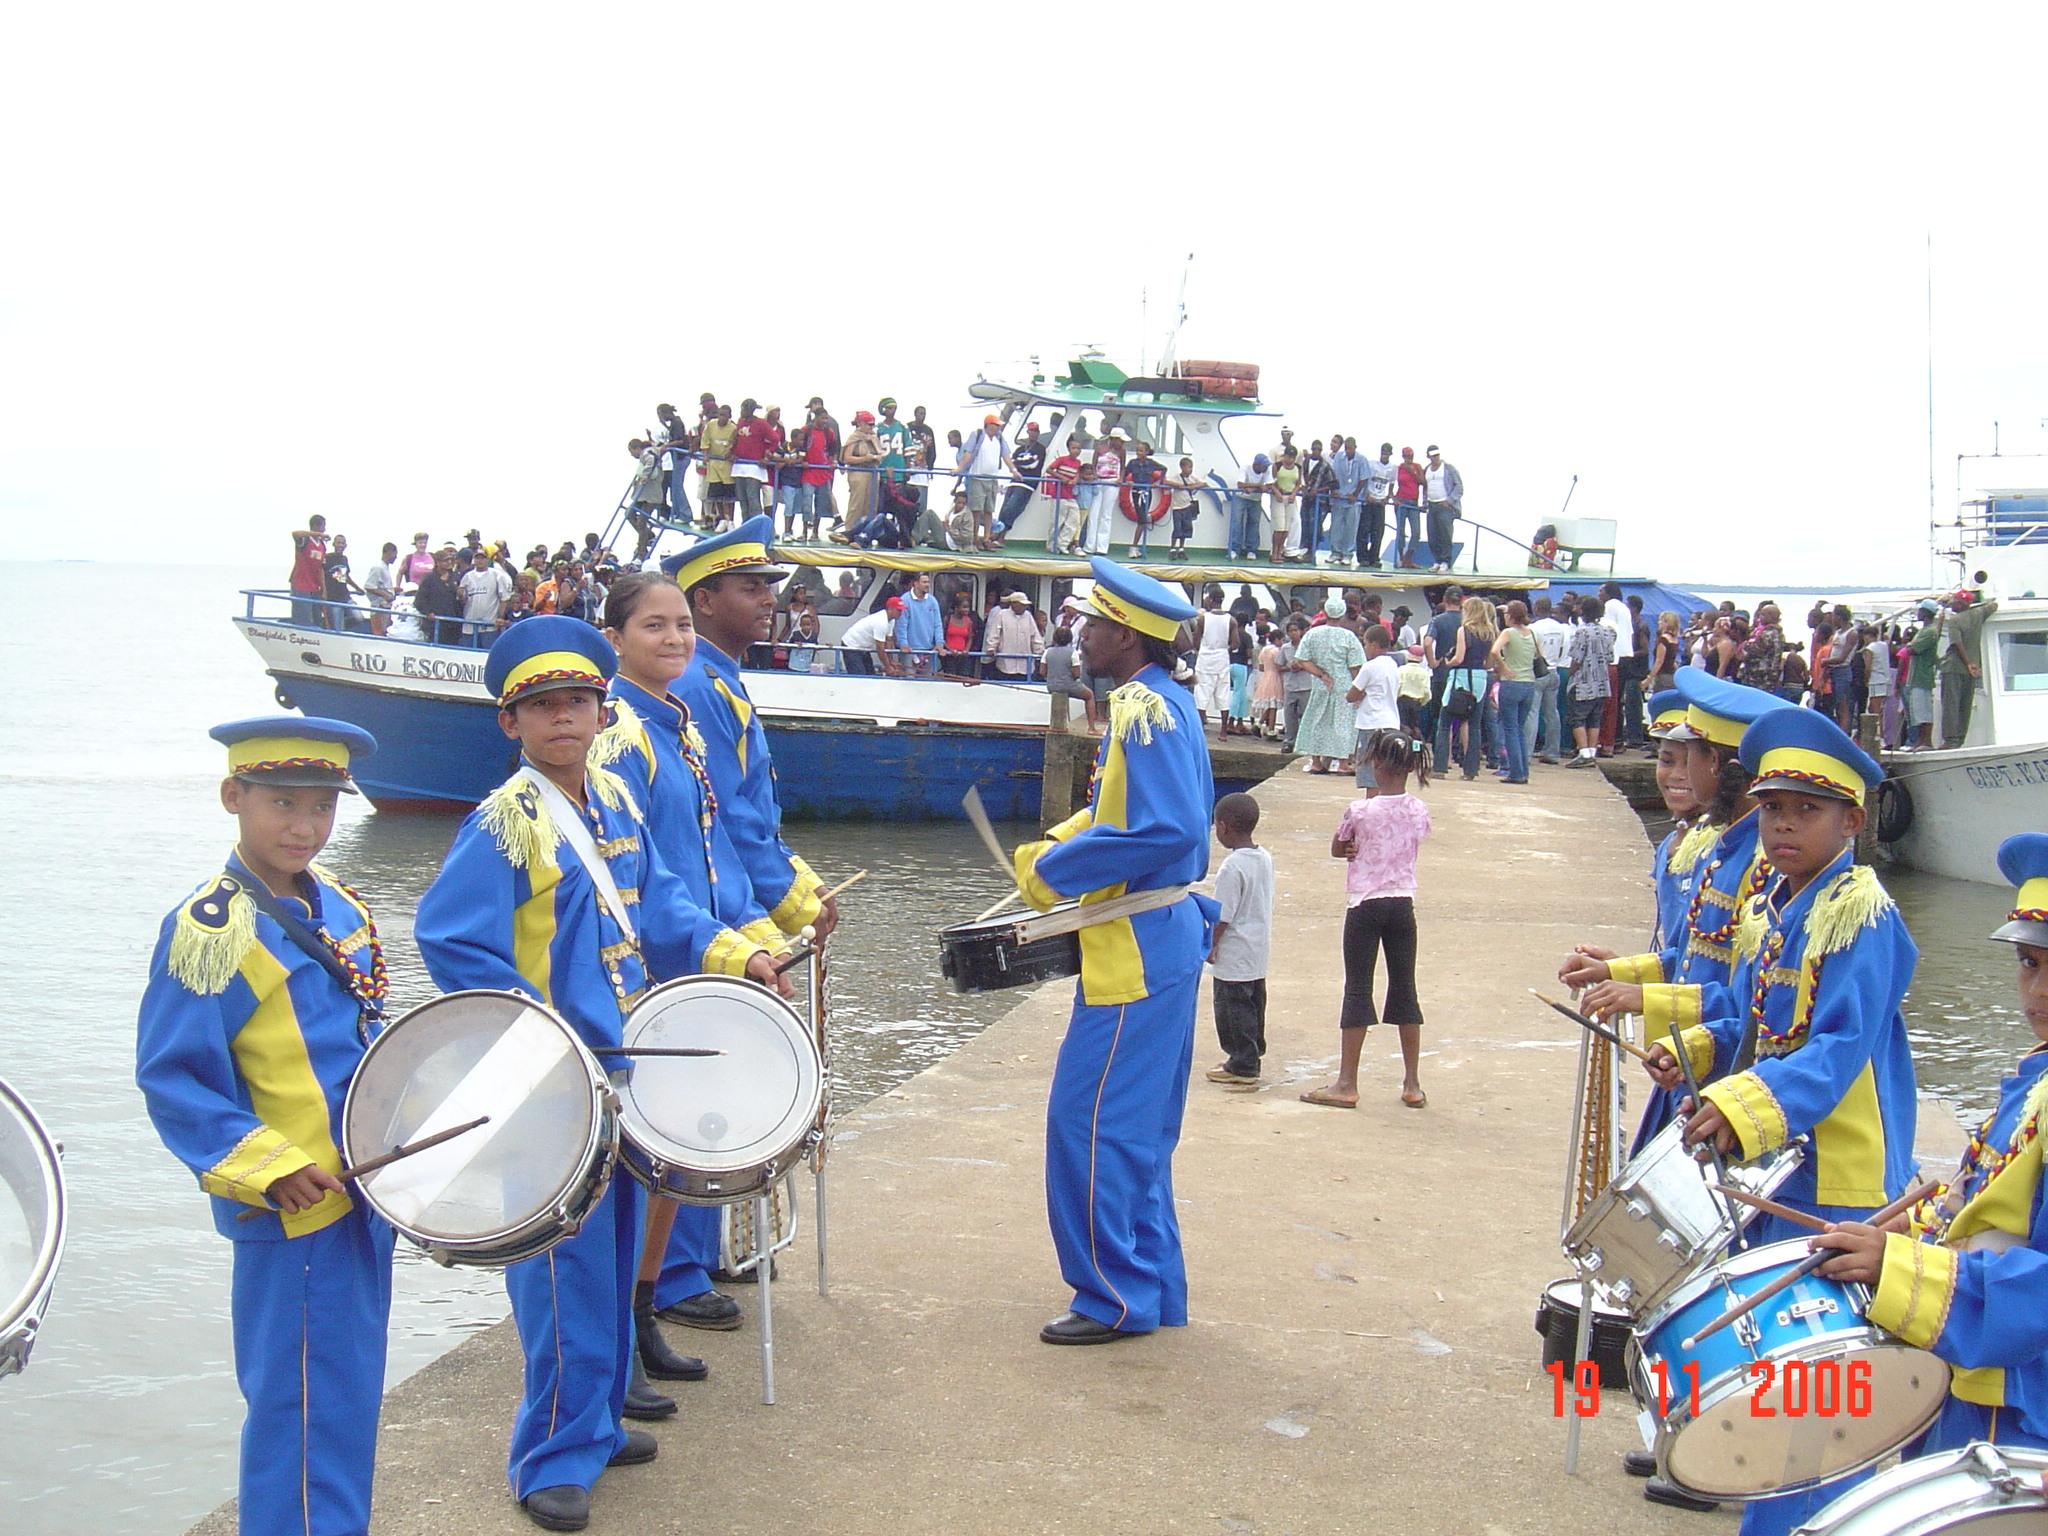 Excurcion de Bluefields a Orinoco Nov 19